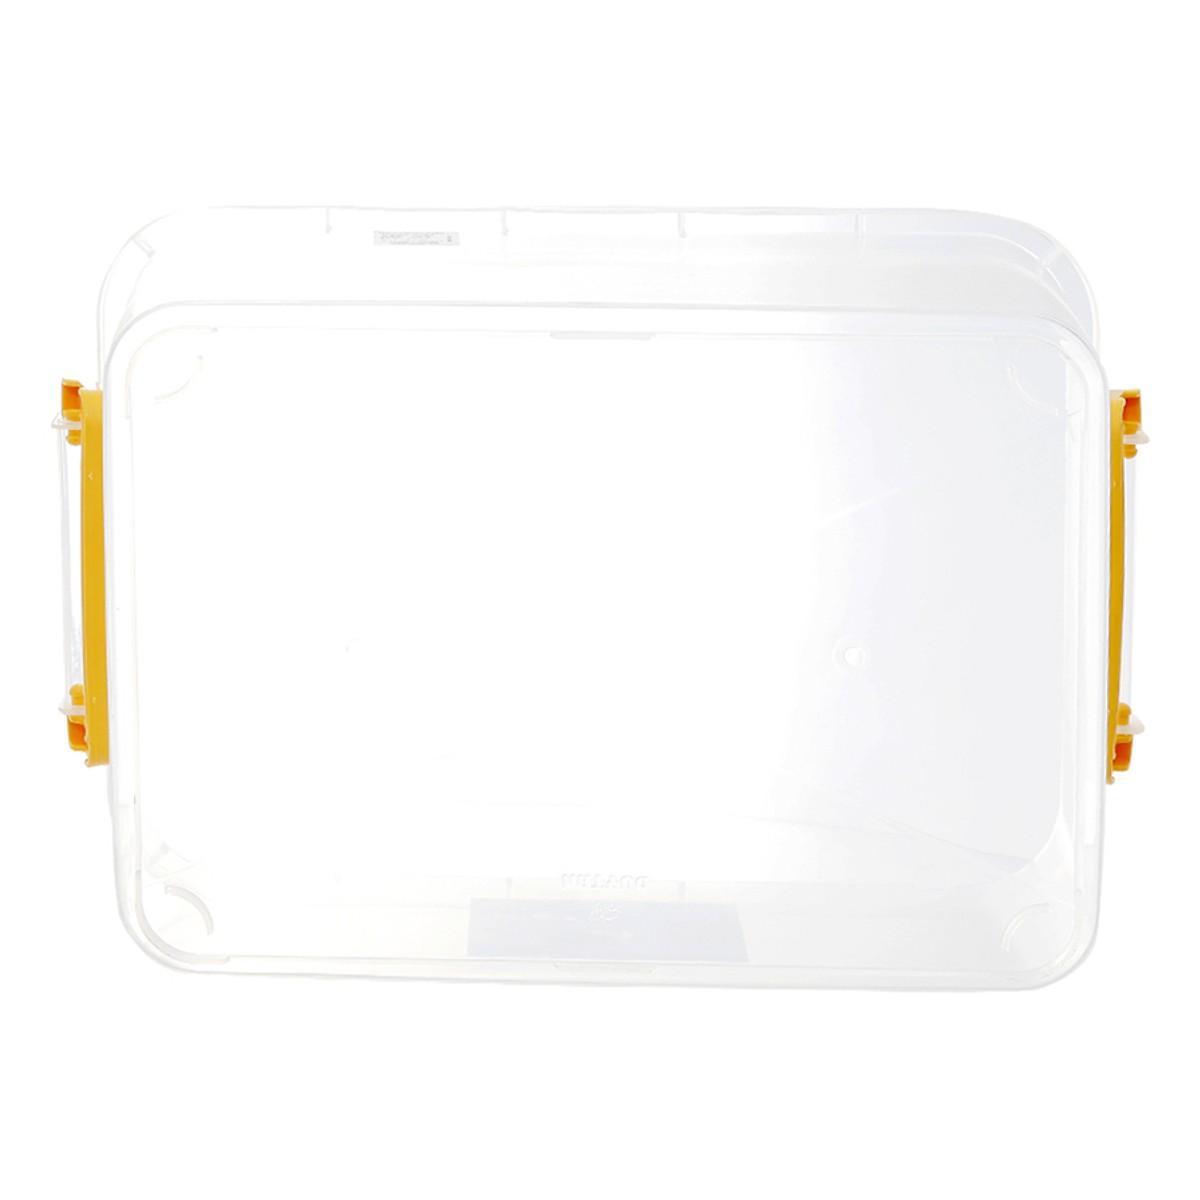 Thùng chữ nhật 55 lít Duy Tân No.0998 (67.6 x 45.7 x 25.4 cm) thùng trong suốt giao quai màu ngẫu nhiên thùng đựng thực phẩm đồ đa năng